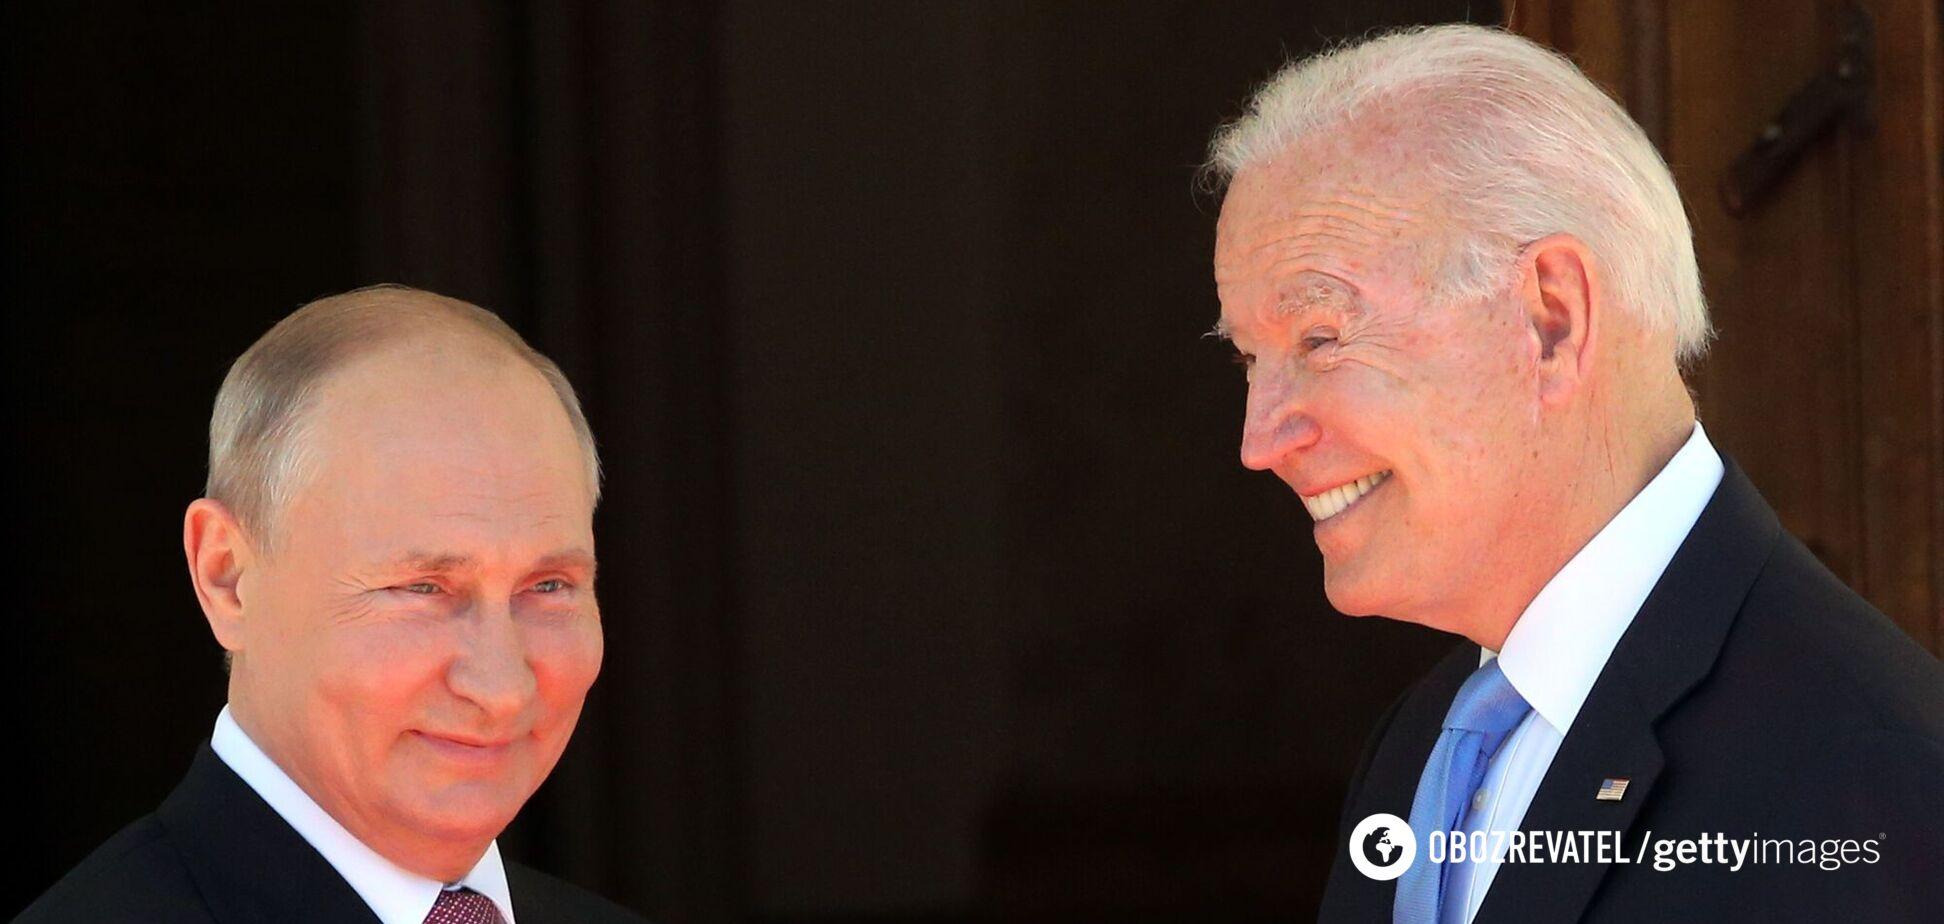 Путин заявил, что образ Байдена в СМИ не имеет ничего общего с действительным